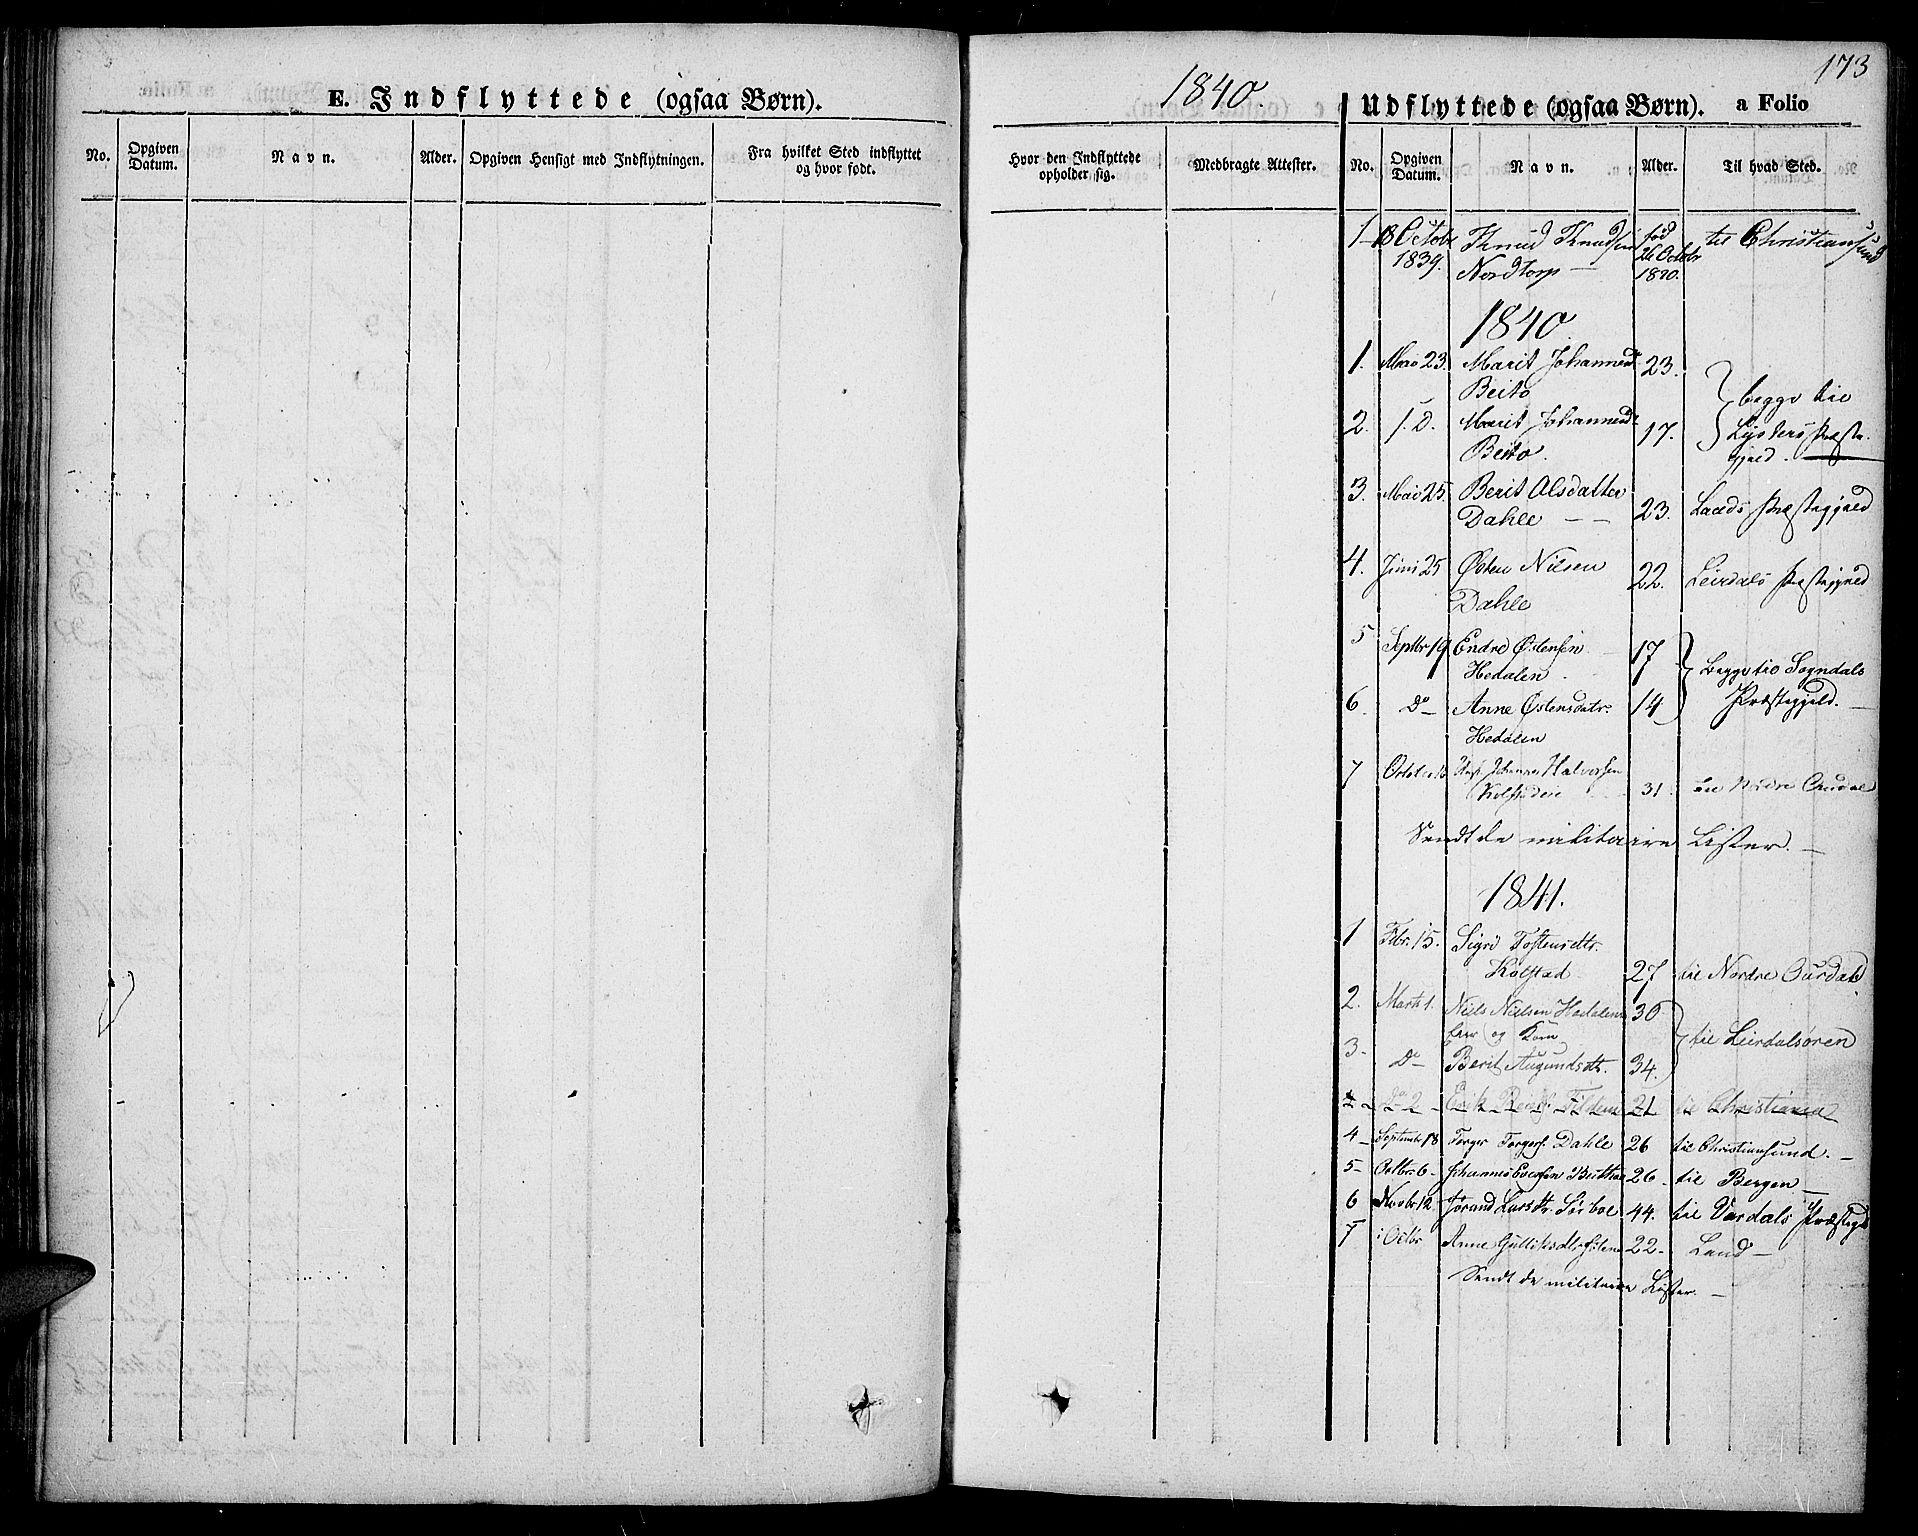 SAH, Slidre prestekontor, Ministerialbok nr. 4, 1831-1848, s. 173